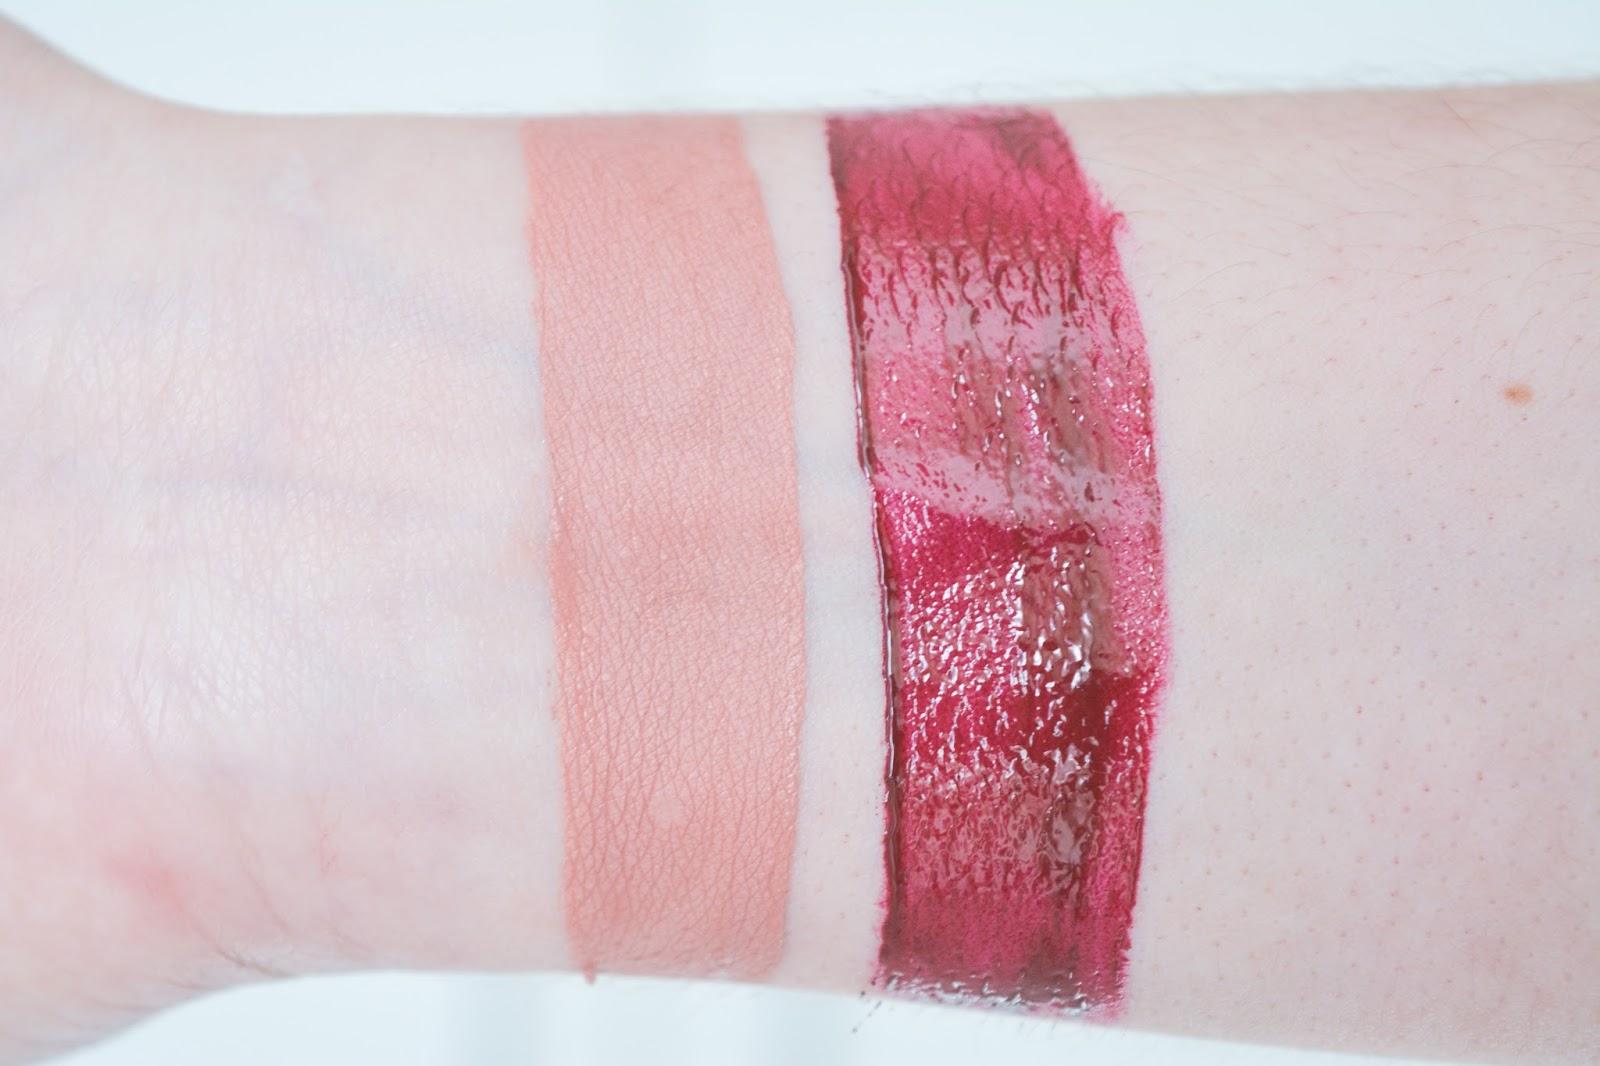 Tarte tarteist lip wardrobe set pink ivory makeup for Tarte lip paint namaste